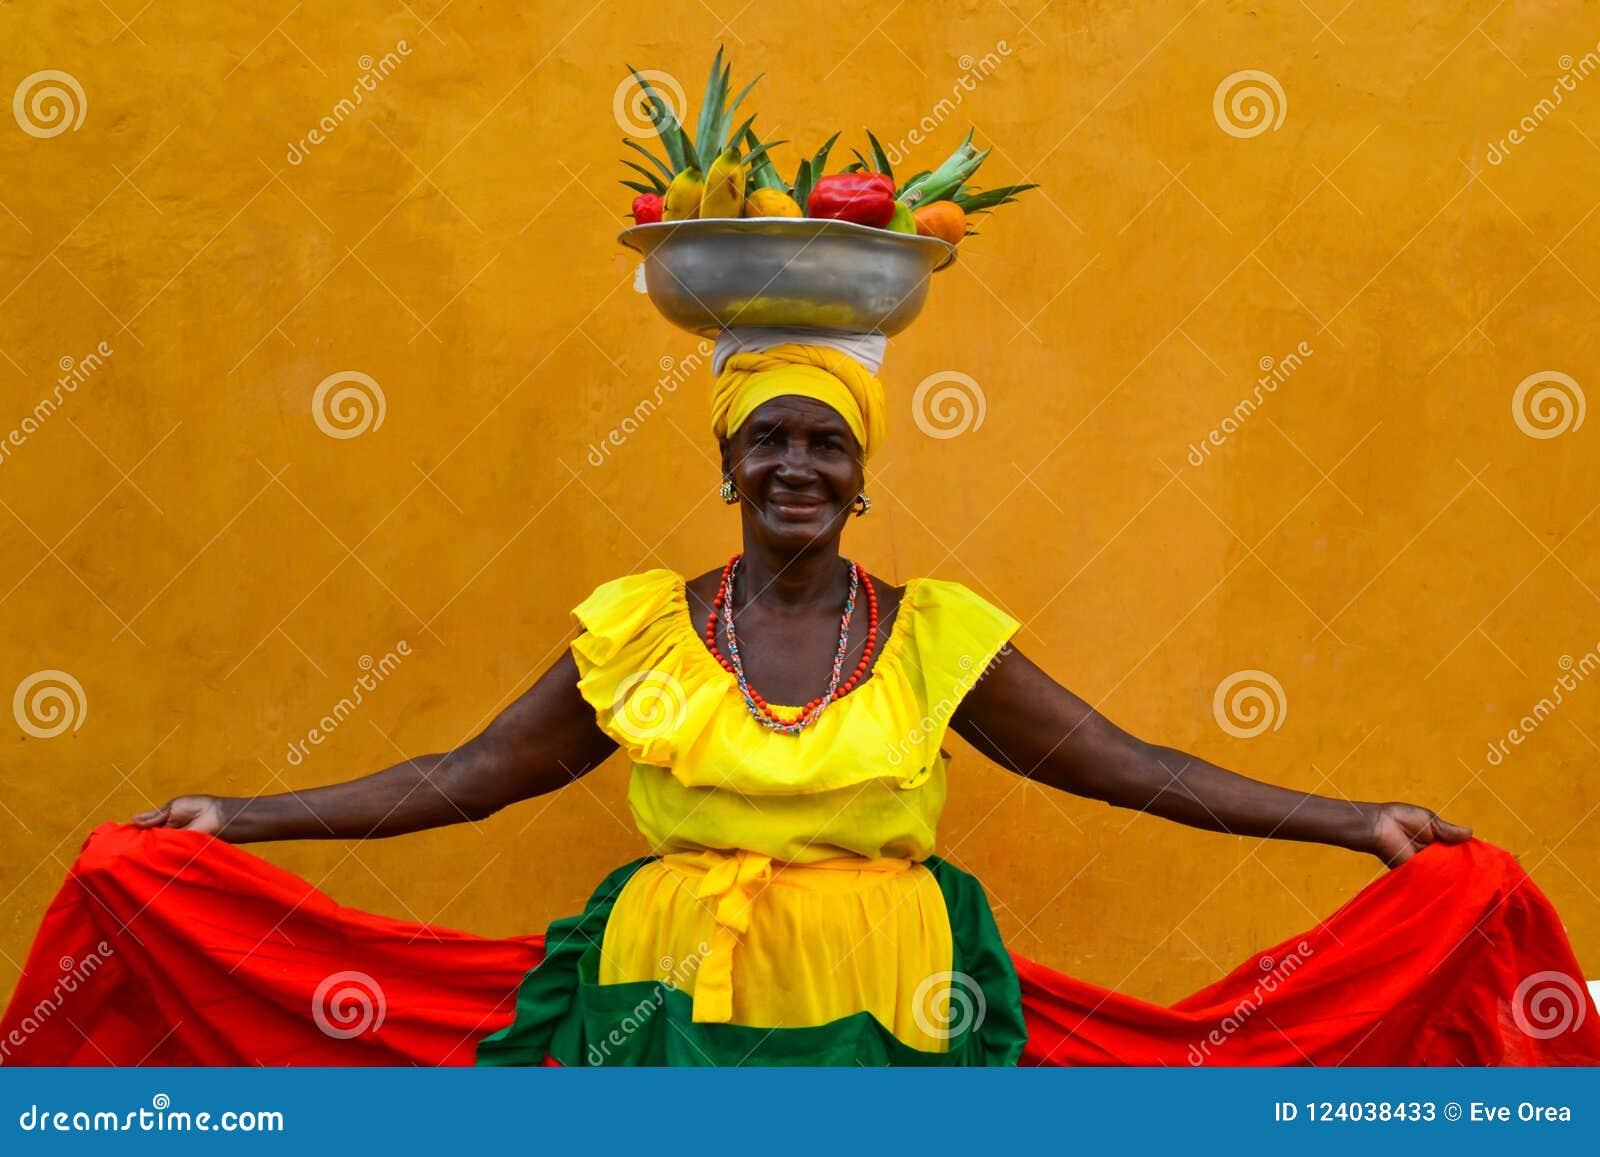 CARTHAGÈNE DE INDIAS, COLOMBIE - 27 juillet 2017 : La belle femme de sourire portant la vente traditionnelle de costume porte des